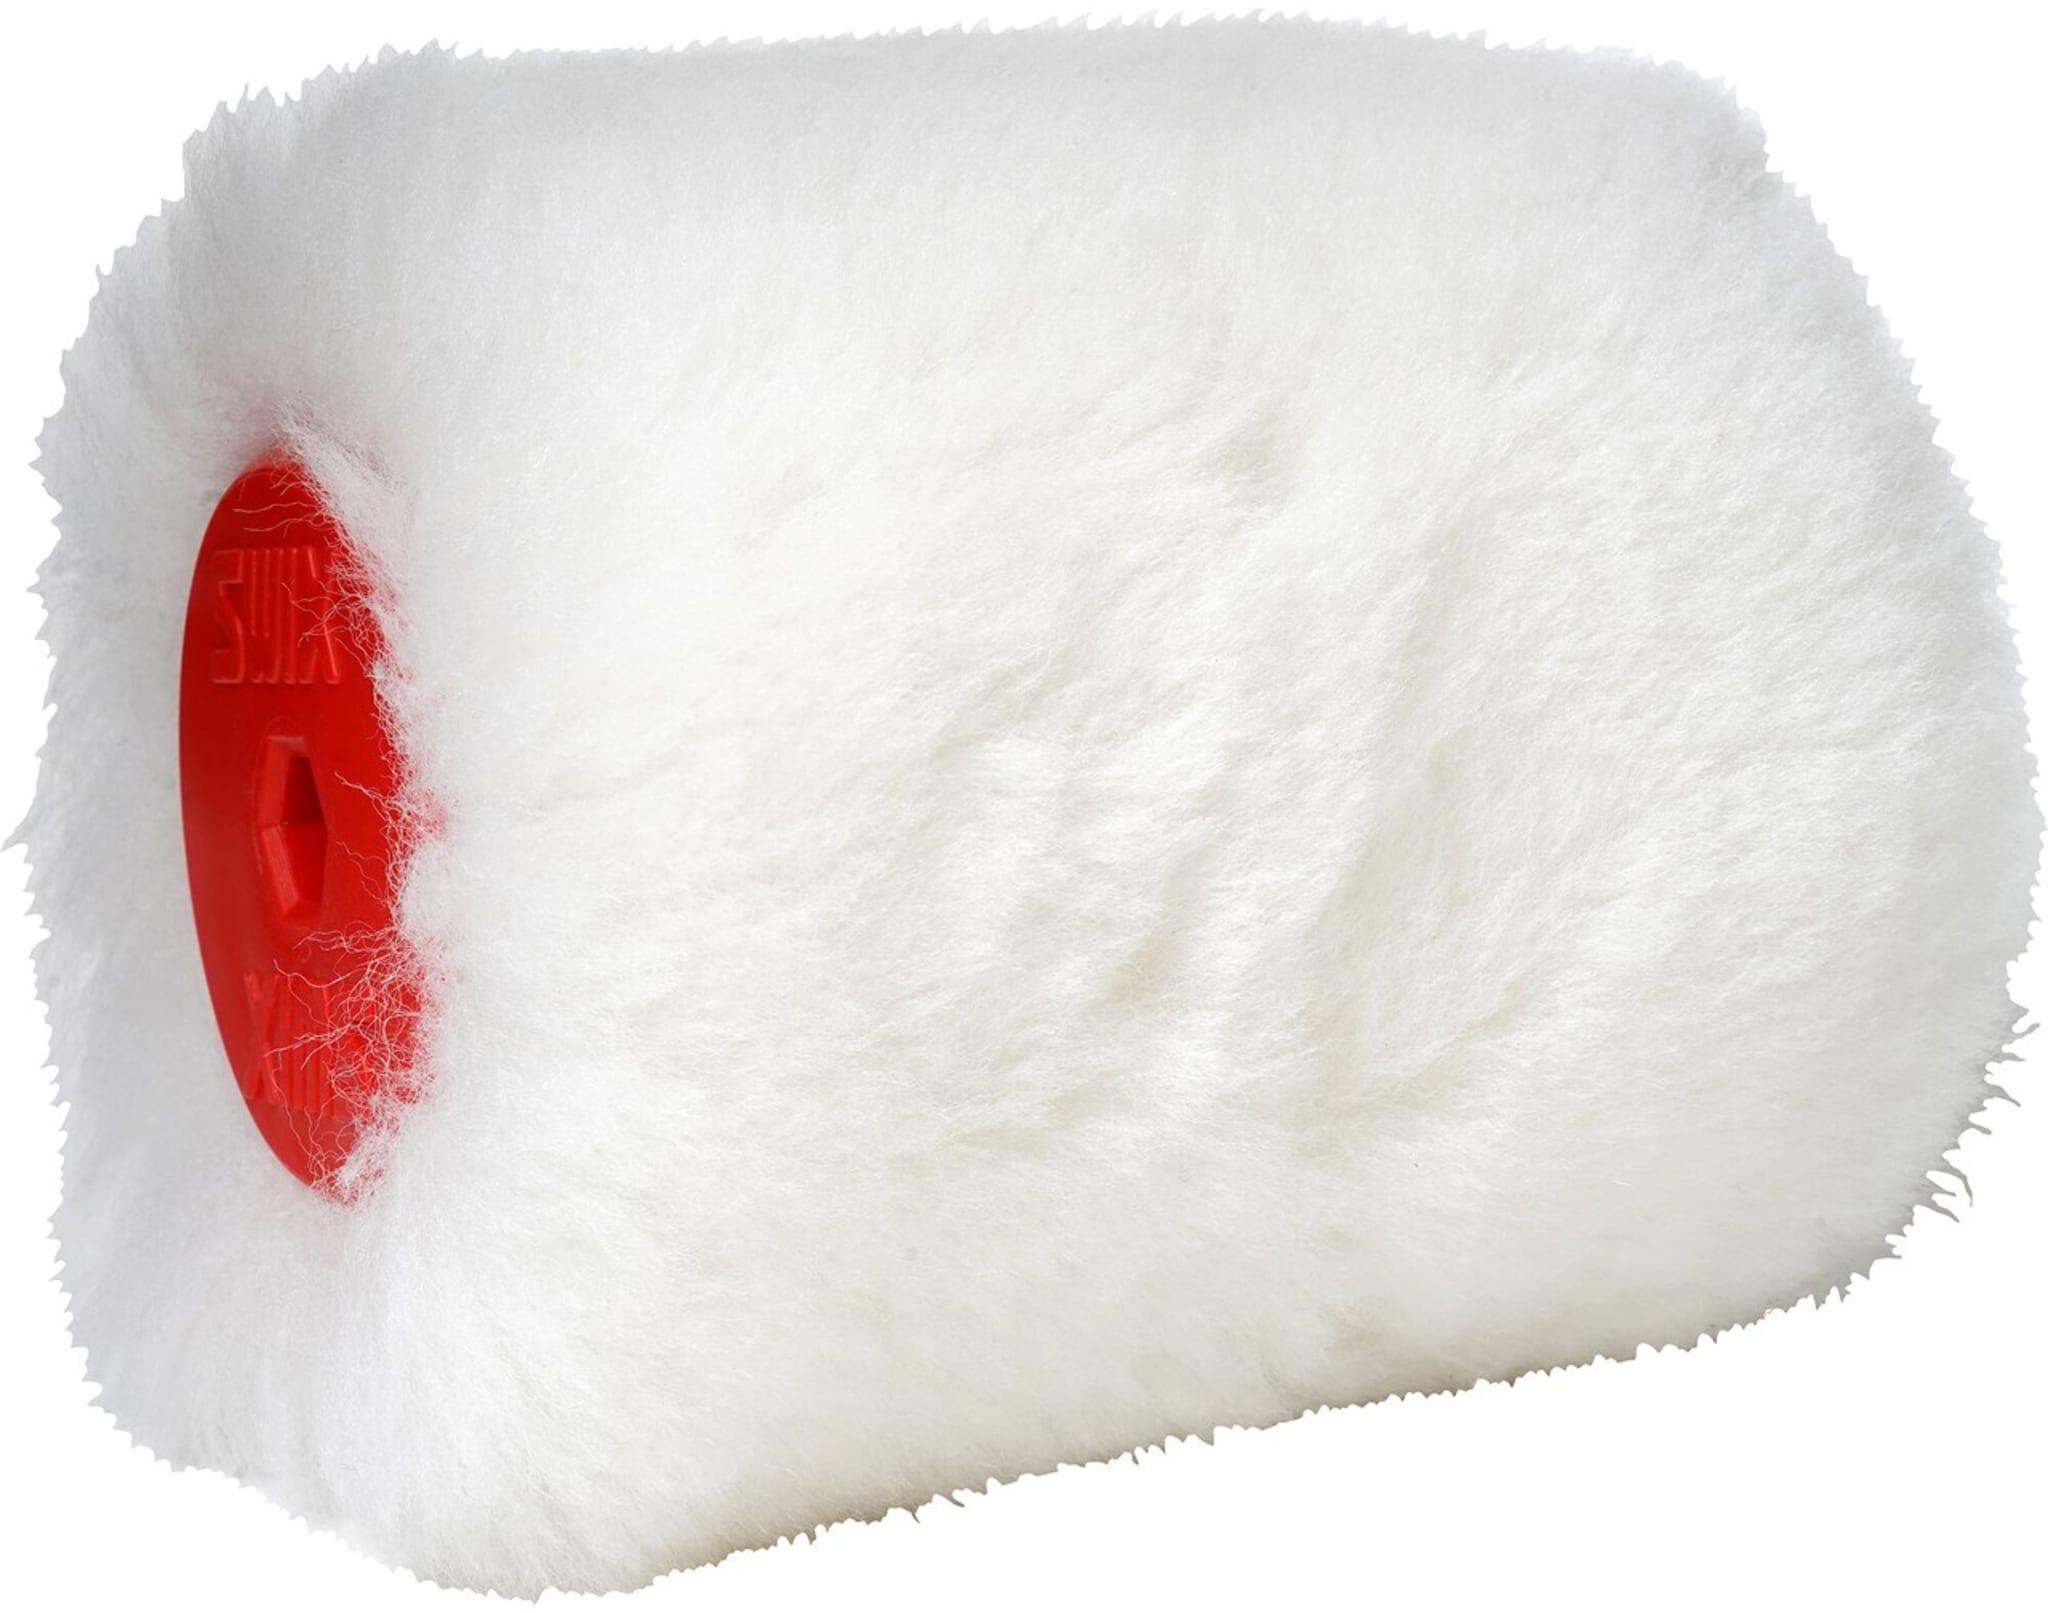 Roto brush merino wool, 100mm